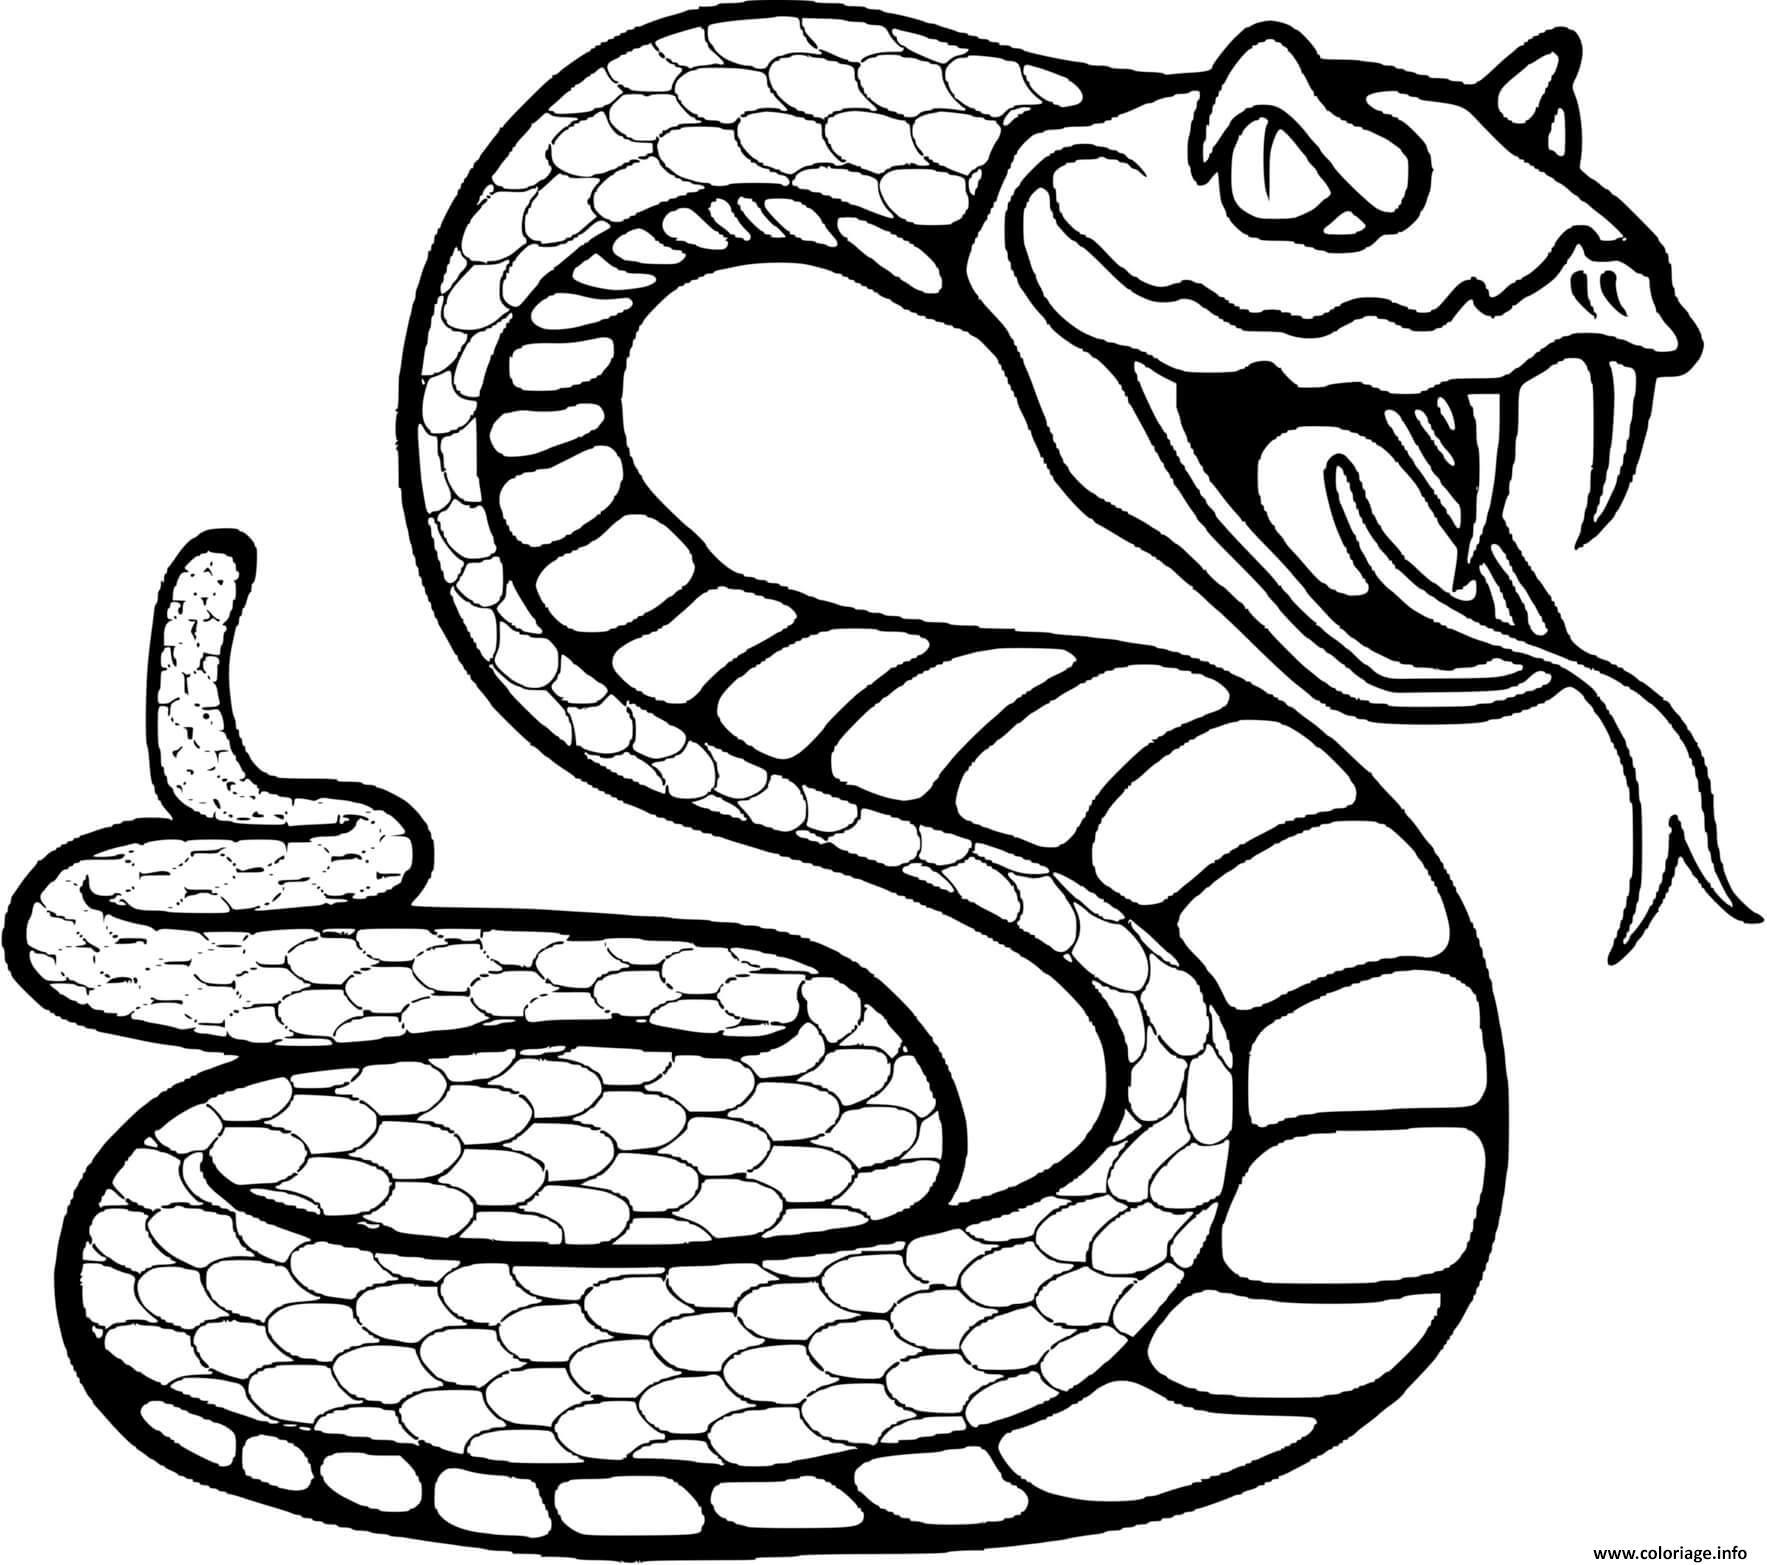 Dessin serpent a sonnette Coloriage Gratuit à Imprimer